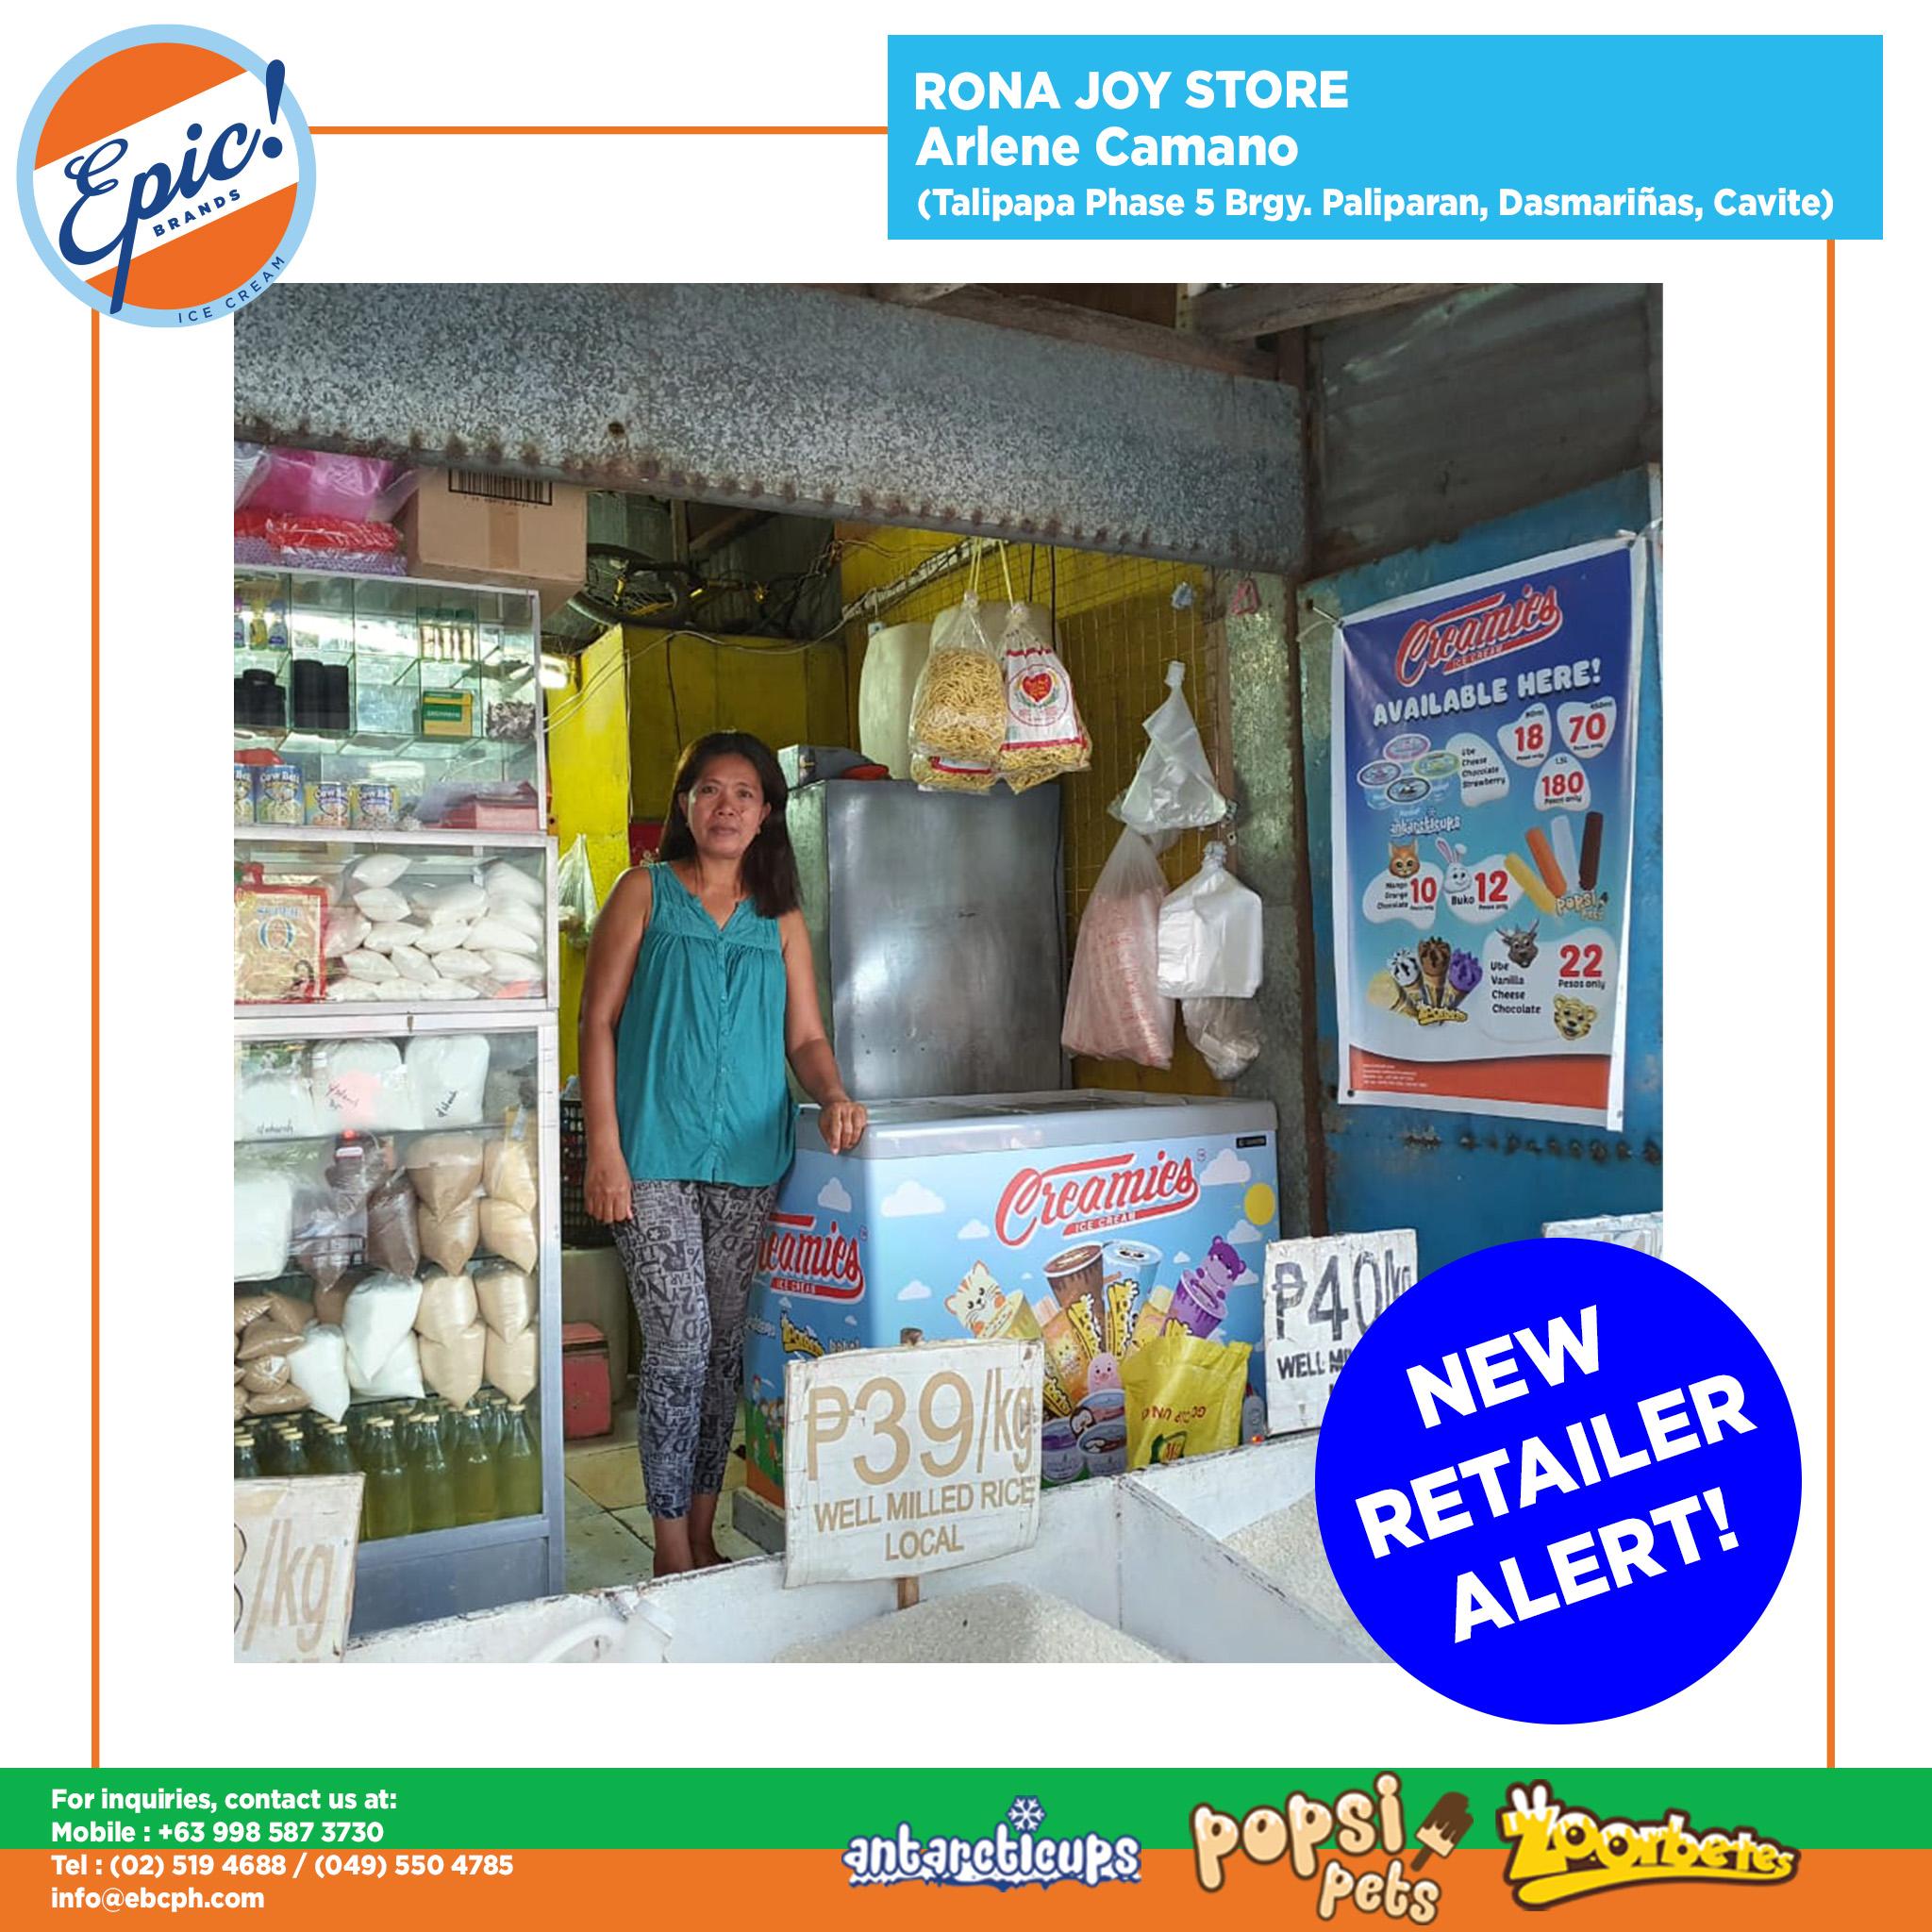 Rona Joy Store